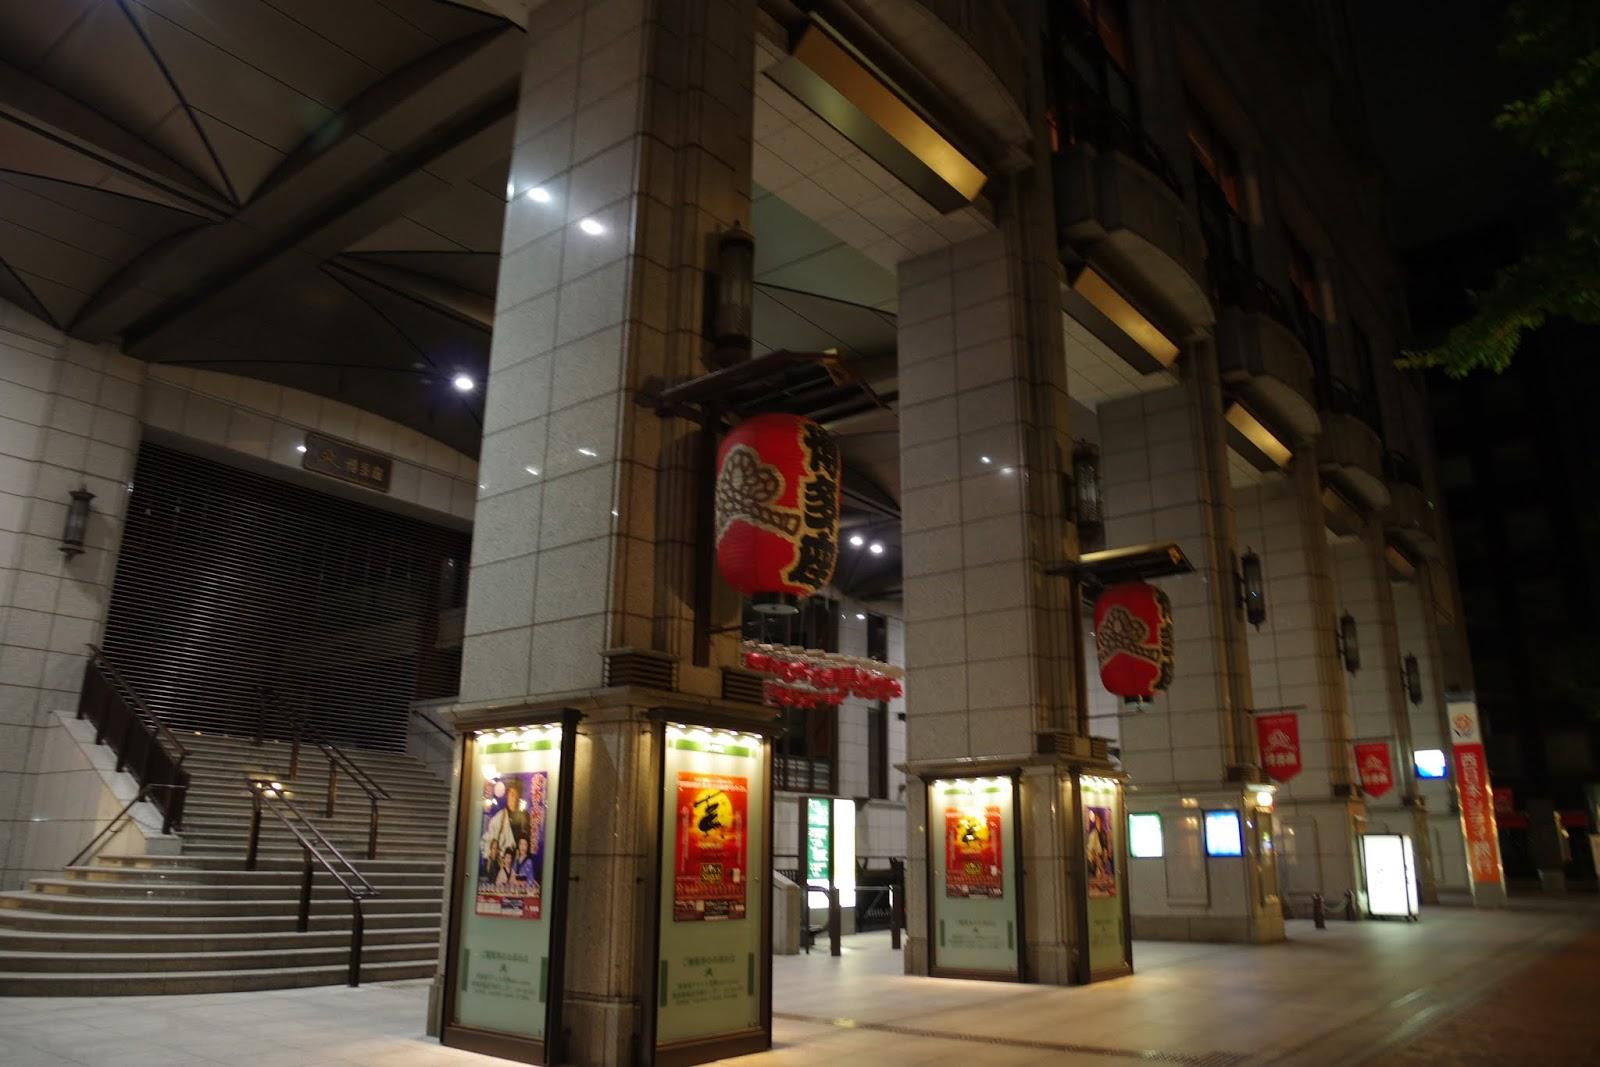 小瓜牛的窩: 【九州.福岡】2014 0814 - 9 中洲川端 那珂川 春吉橋 ...